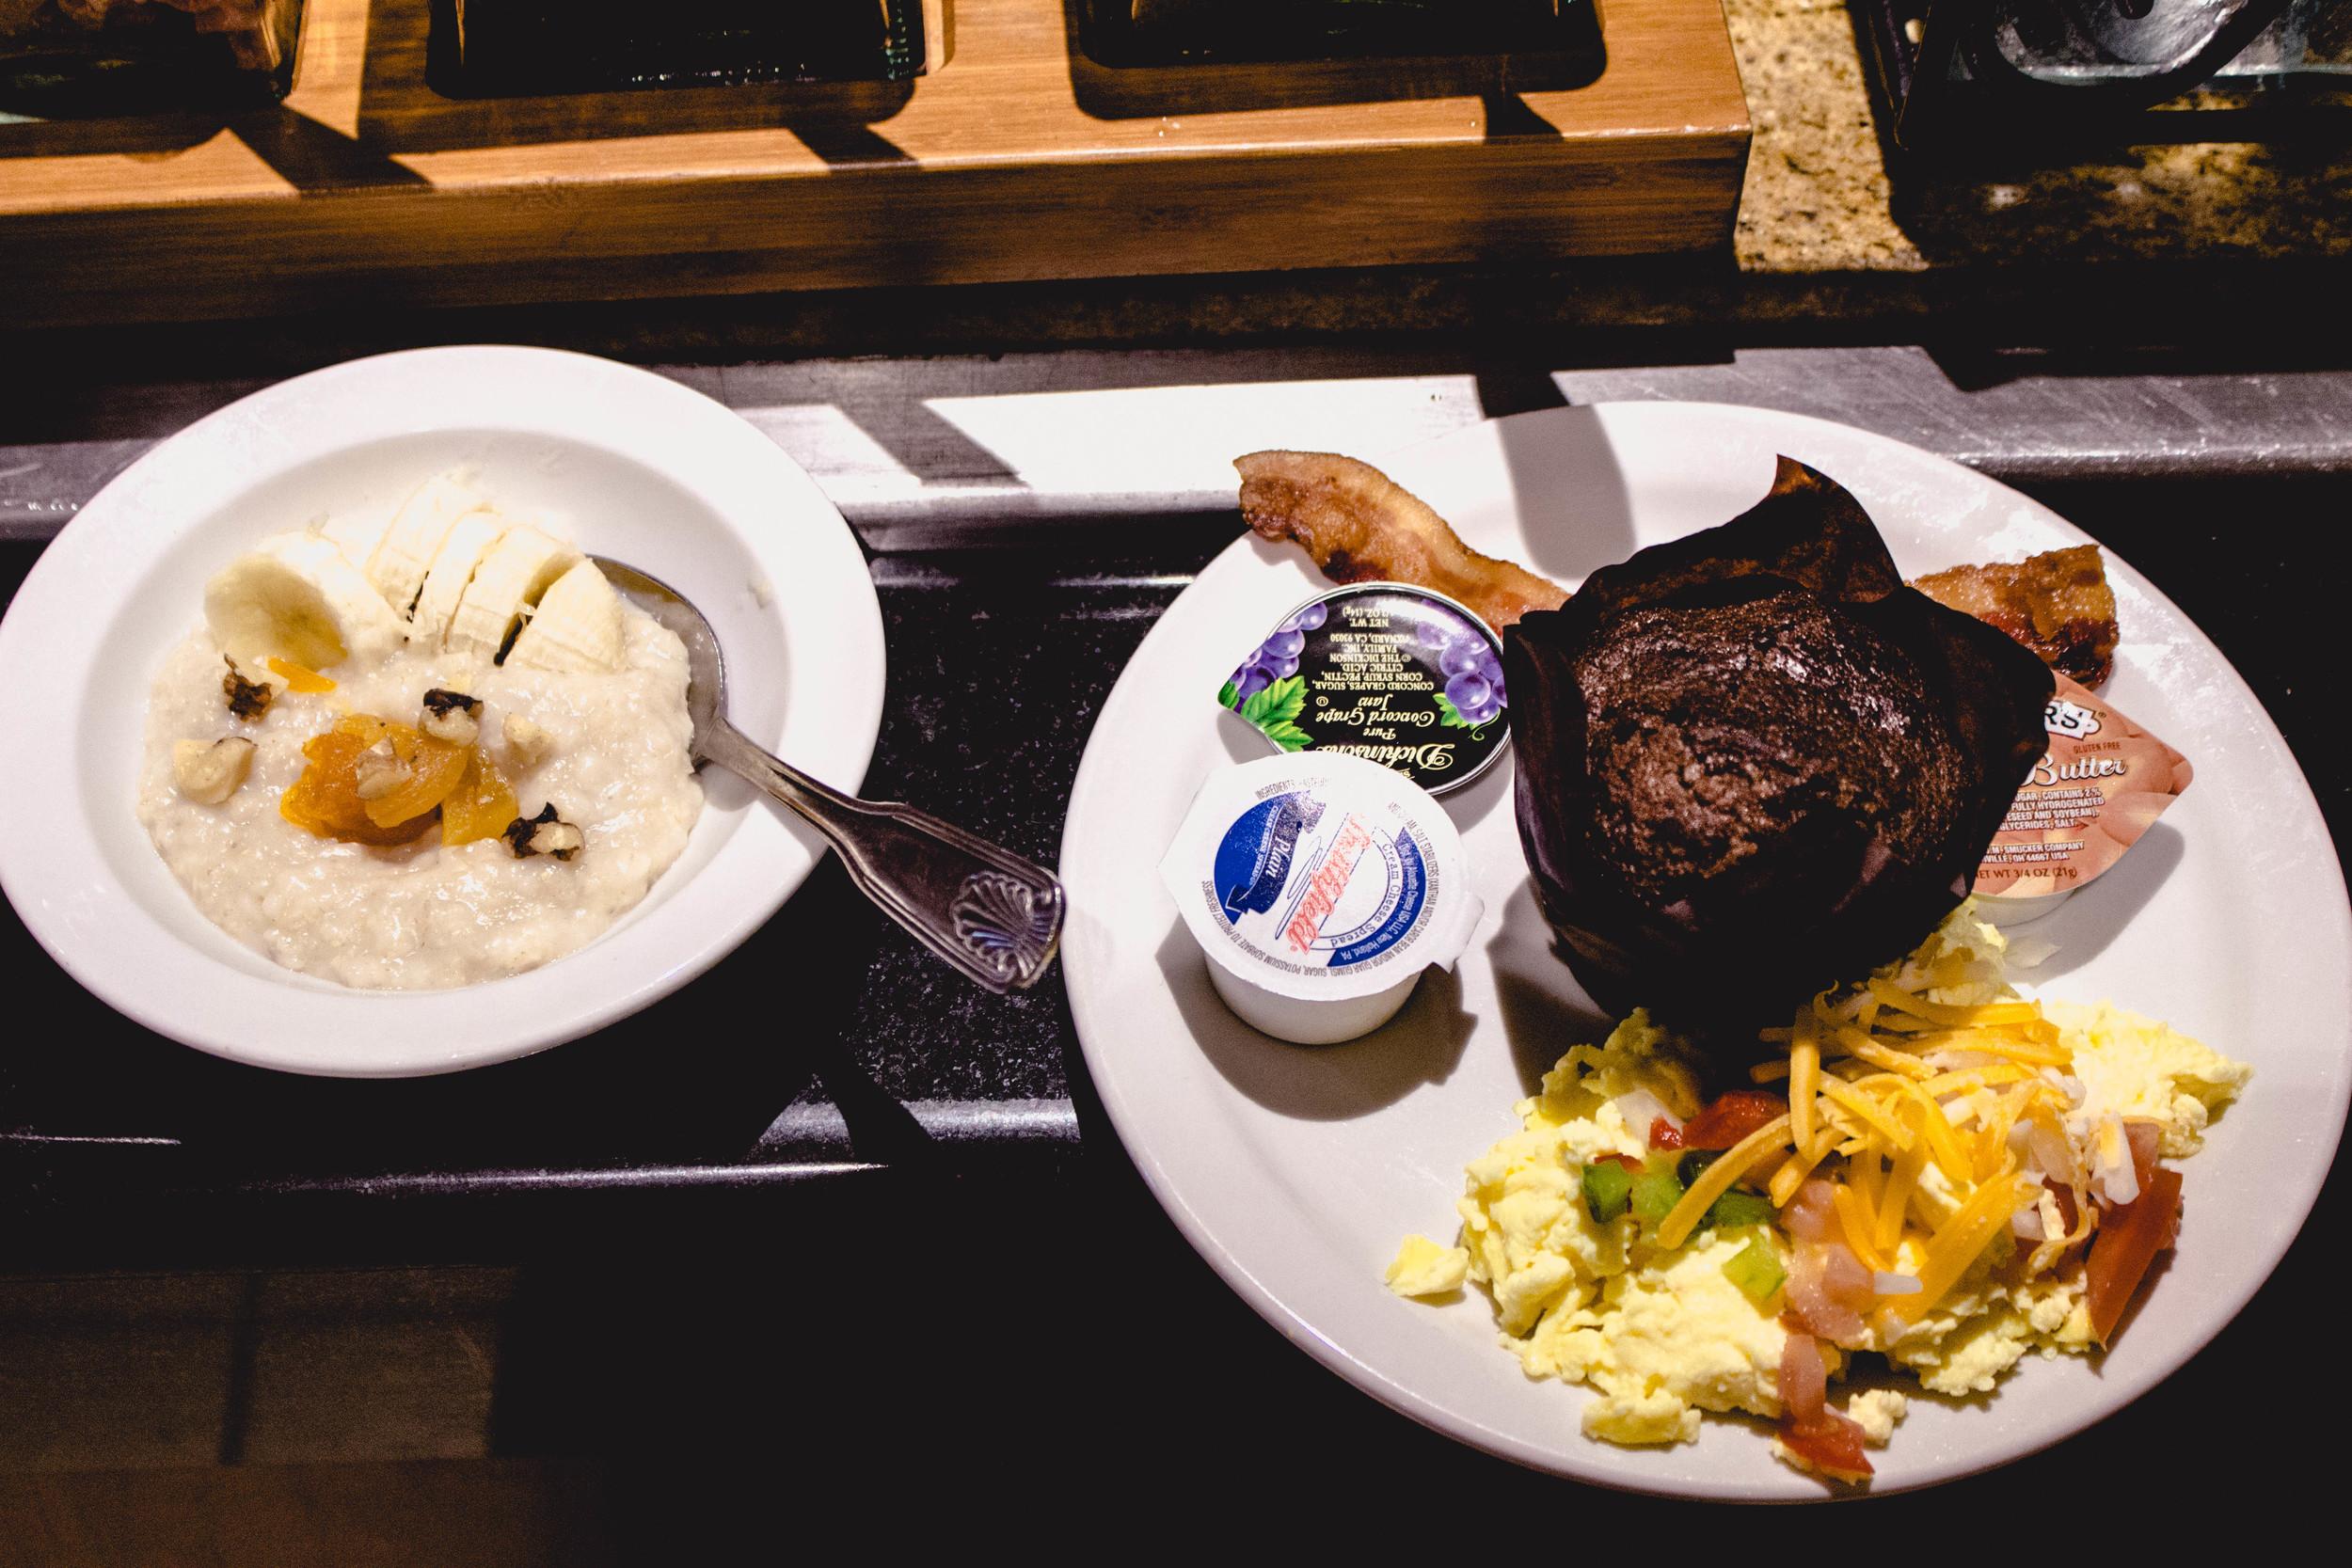 Doubletree Hilton Breakfast Buffet | fit for the soul